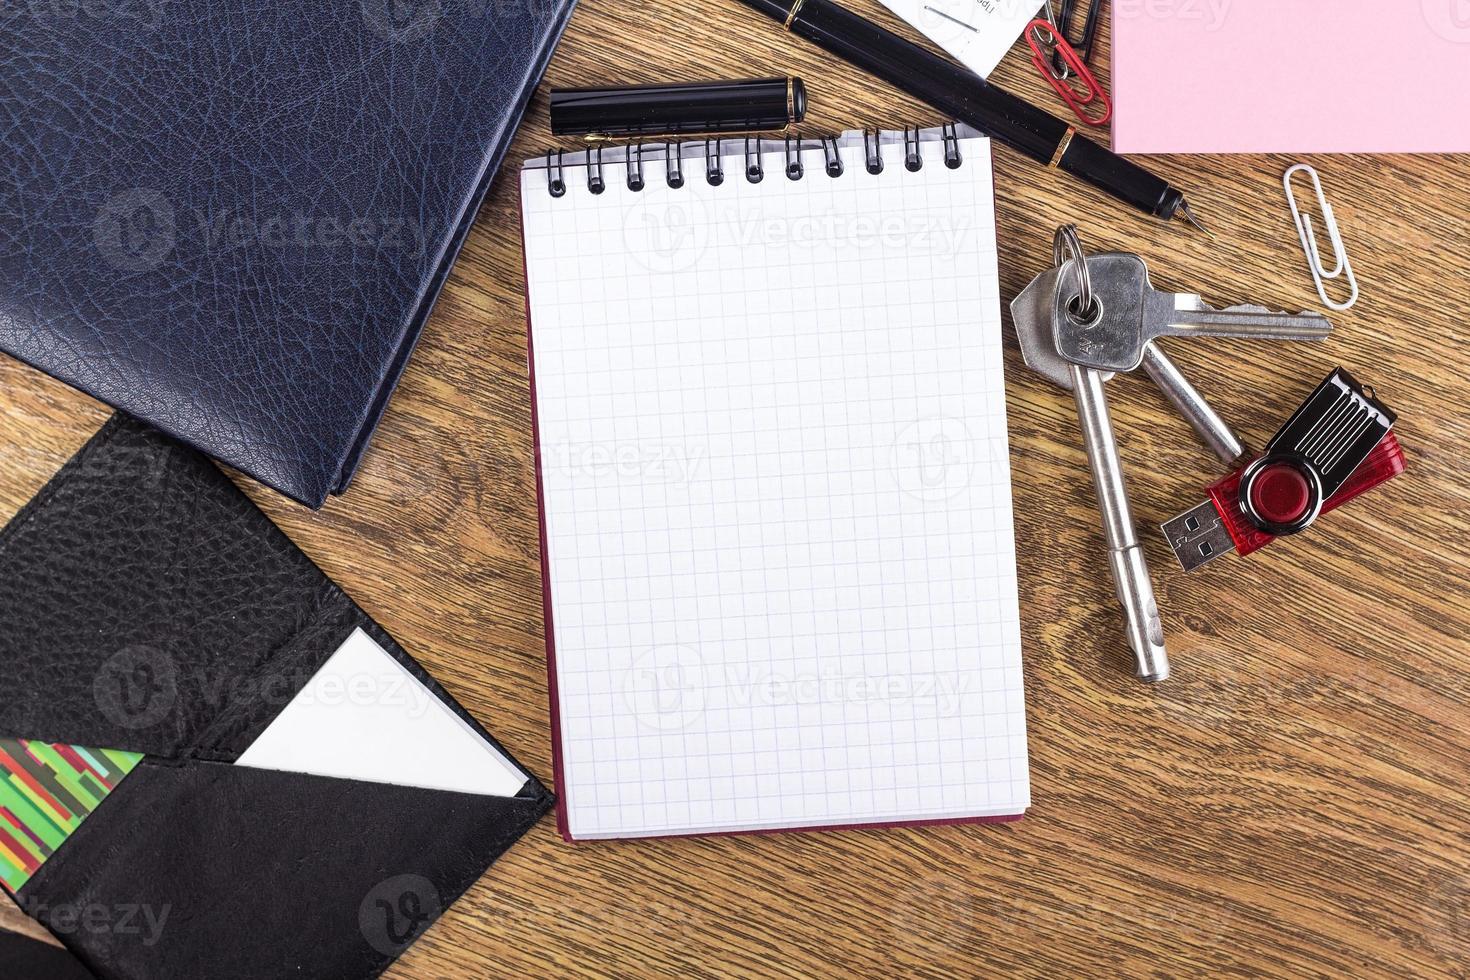 taccuino aperto sulla pagina vuota su sfondo del desktop in legno foto